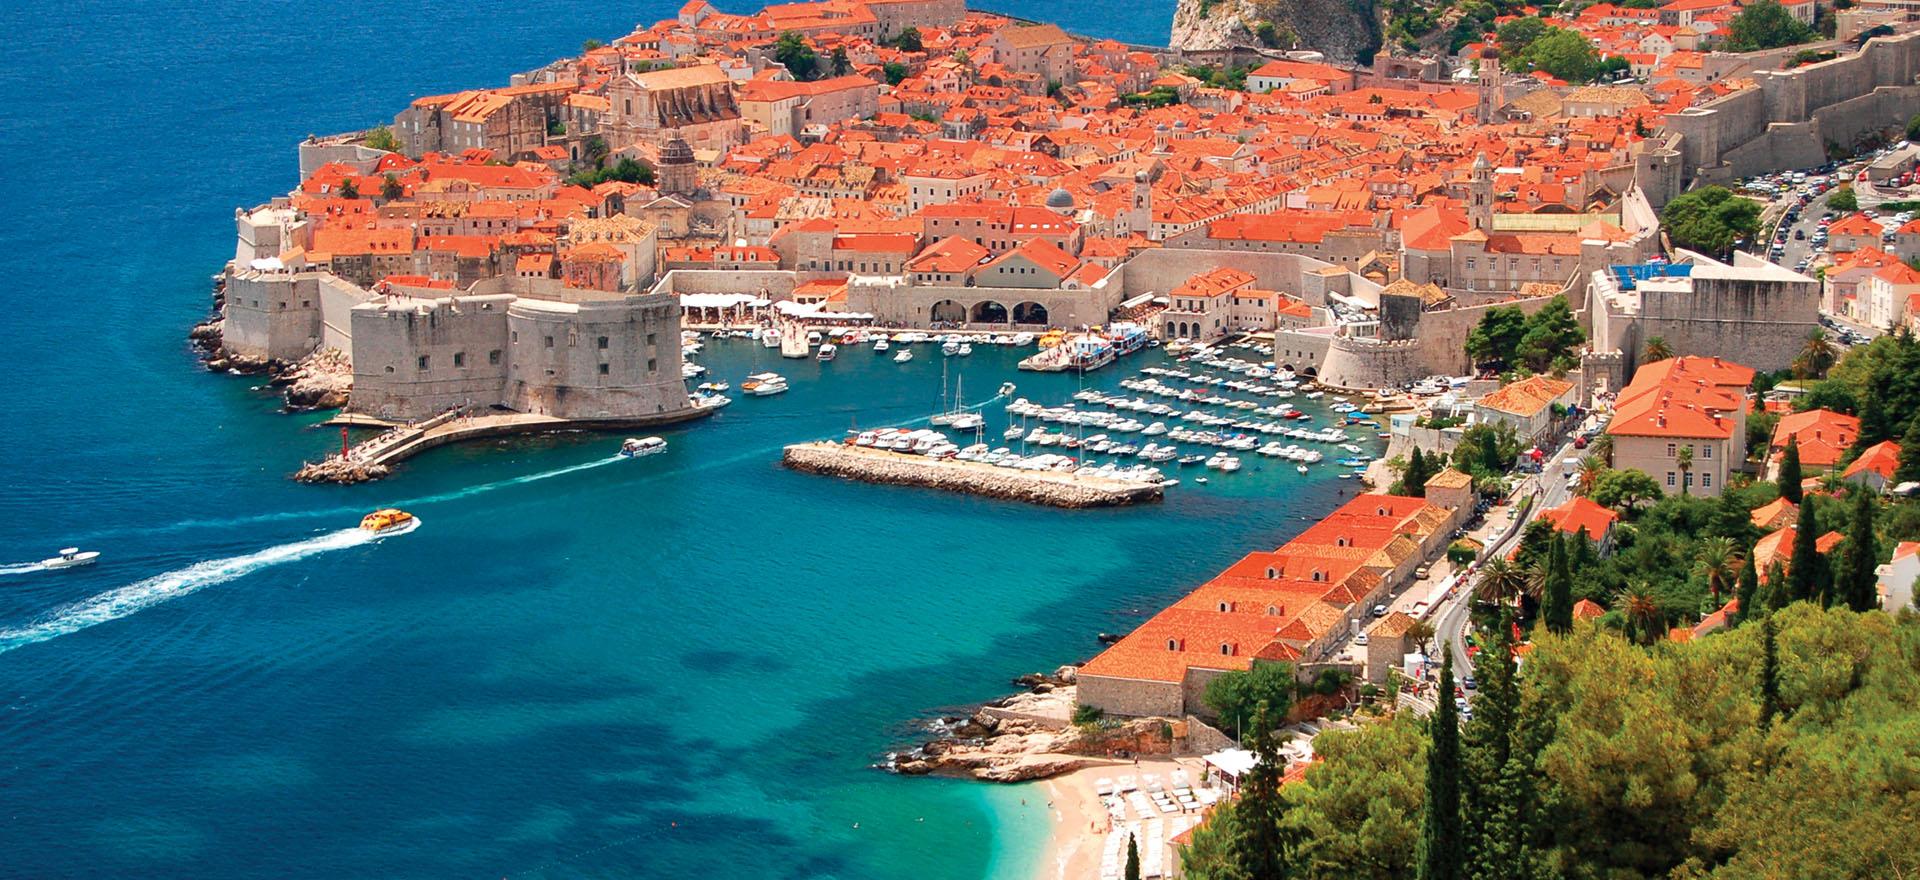 Terracotta rooftops of Dubrovnik harbour